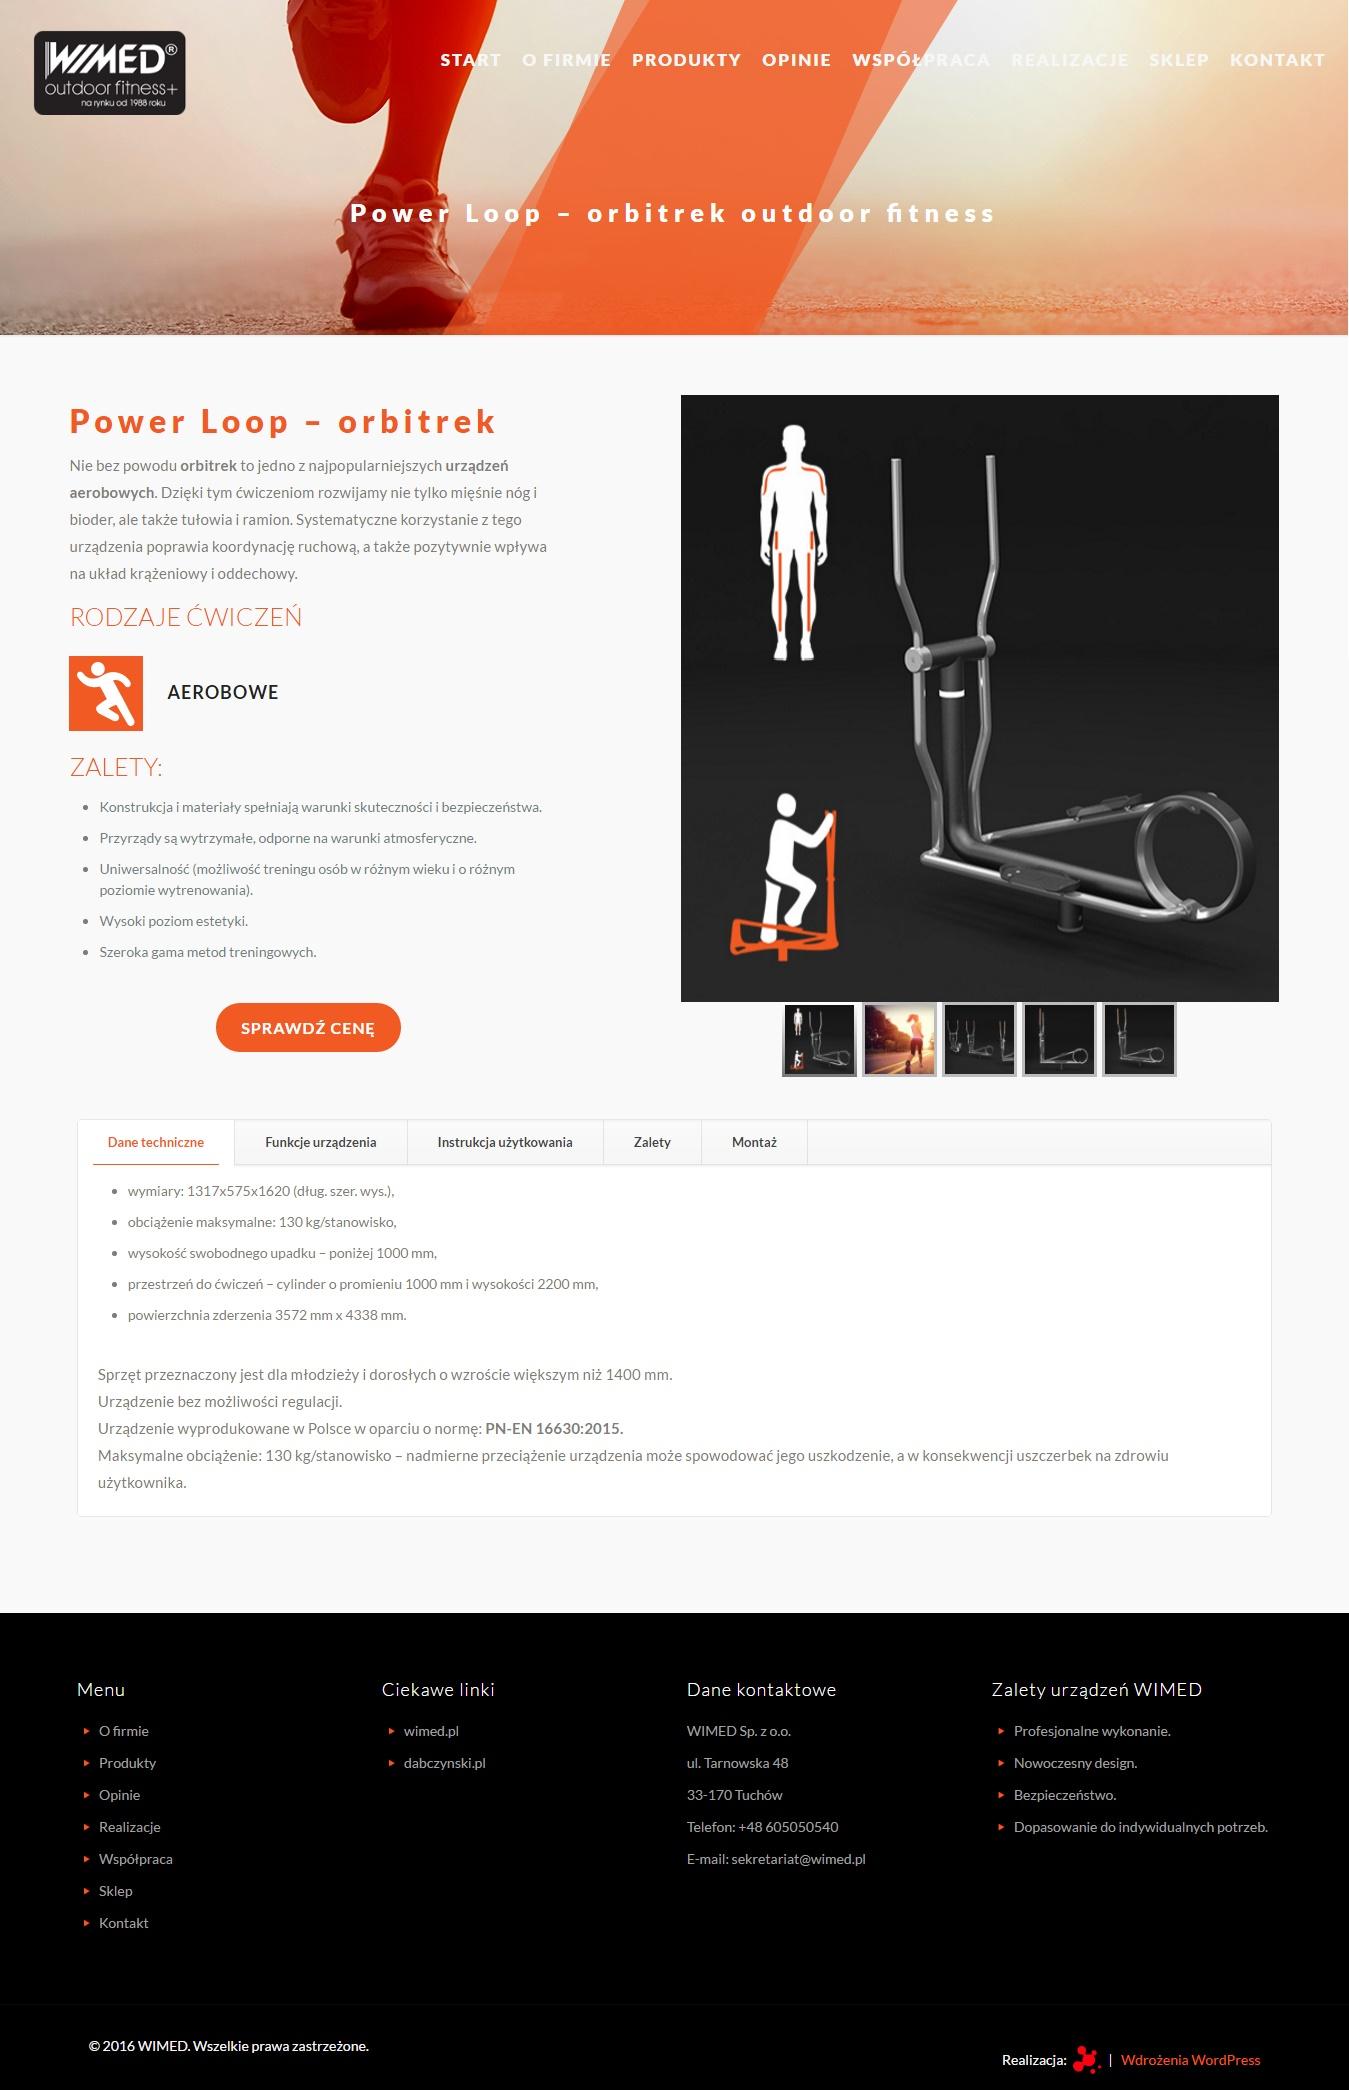 klient Wimed - serwis produktowy silownie-zewnetrzne.eu